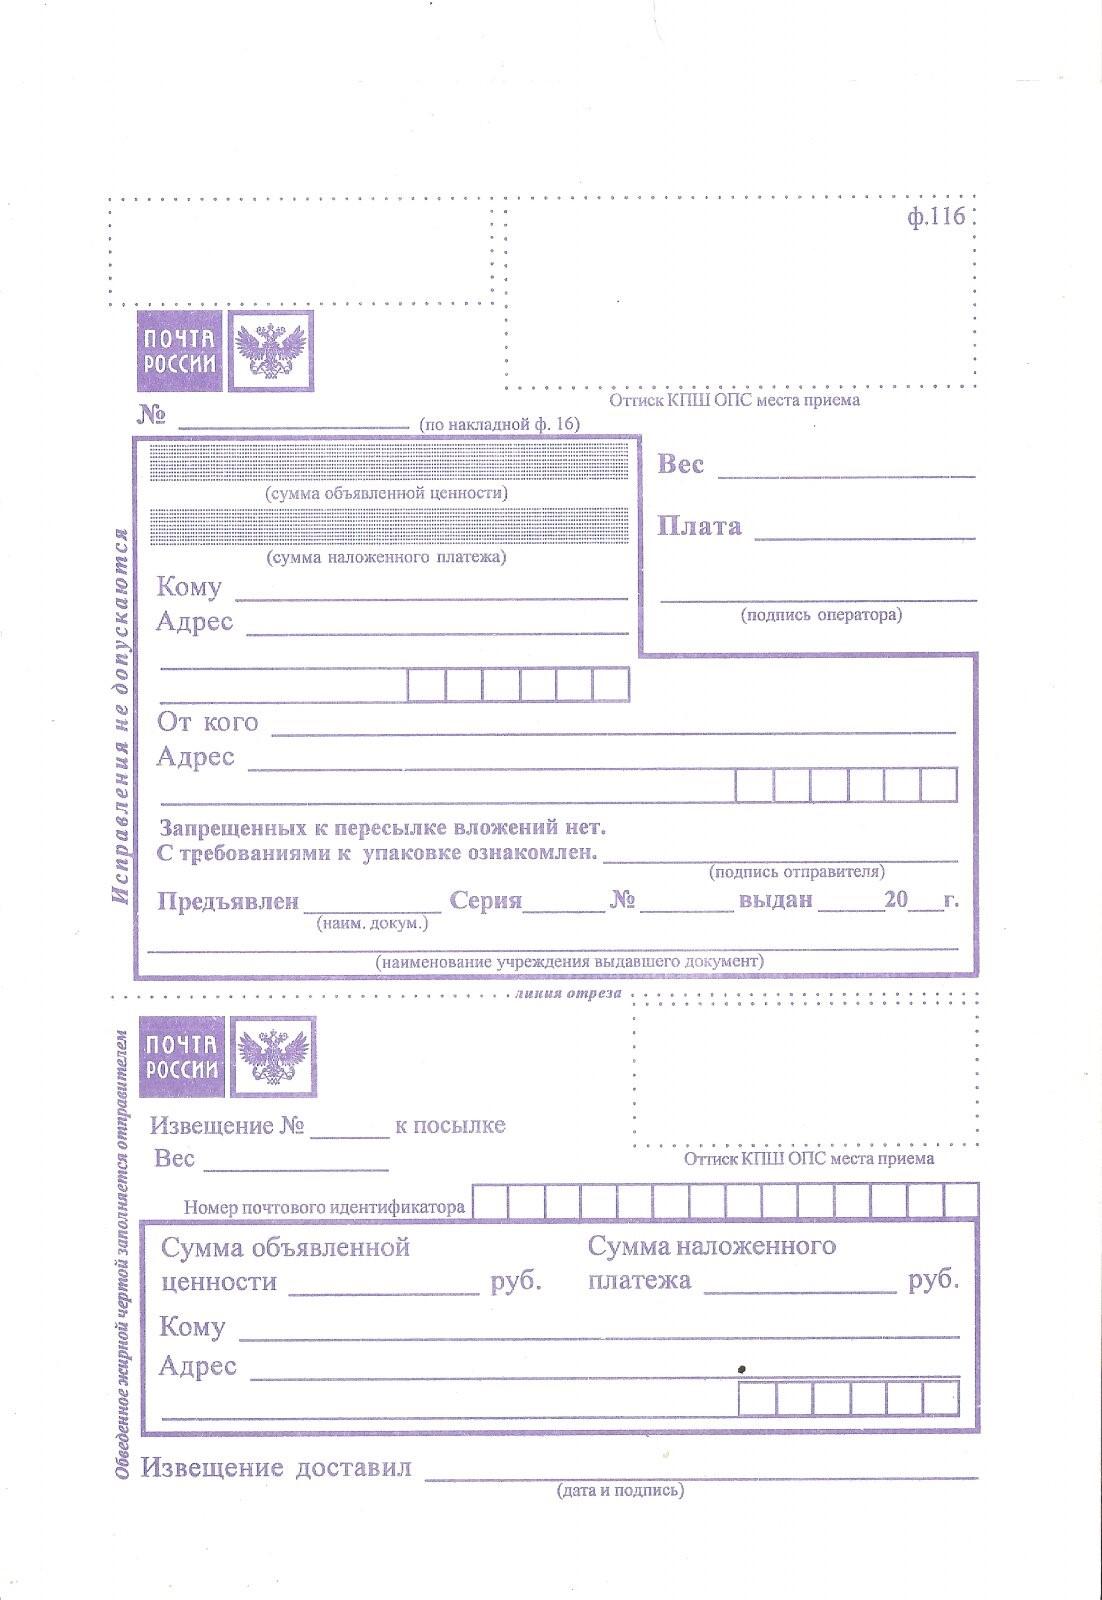 Печать почтовых бланков в Москве | фото 7